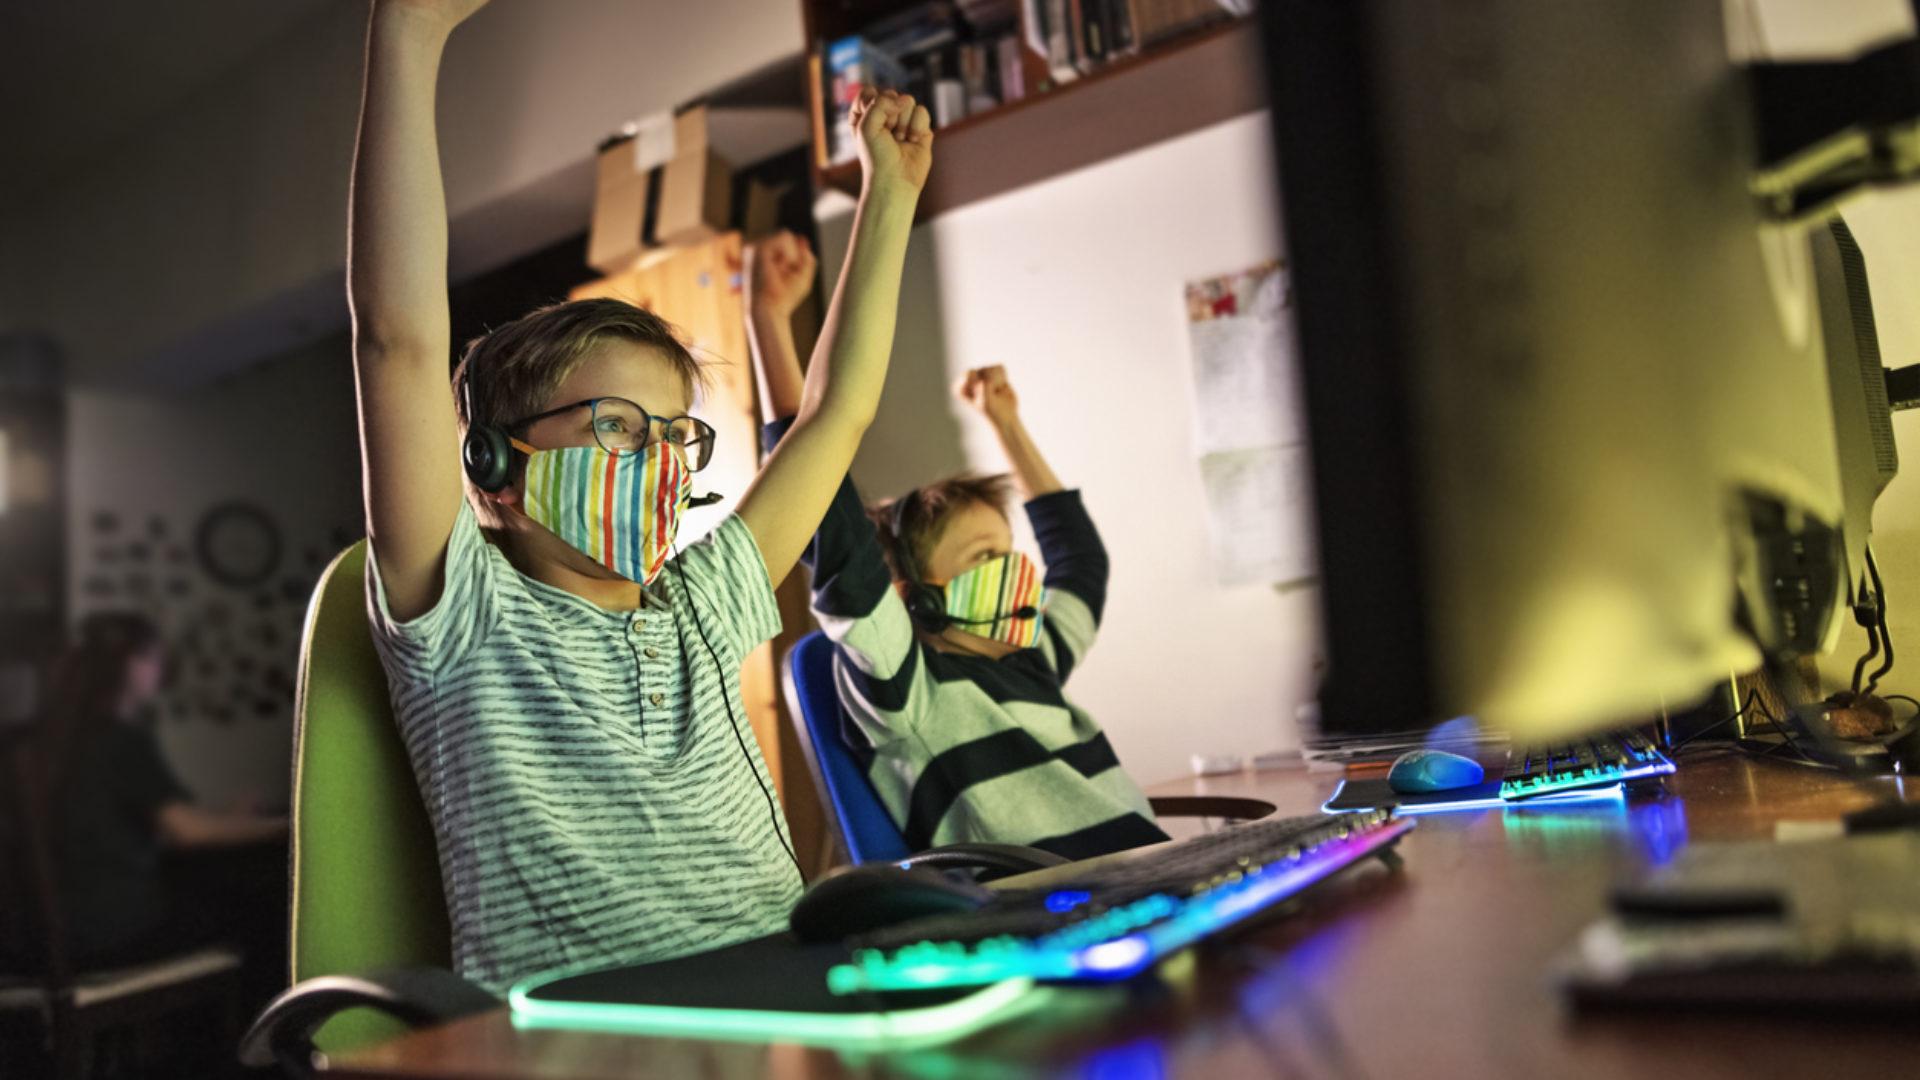 jeux vidéo confinement OMS santé mentale effets bénéfiques